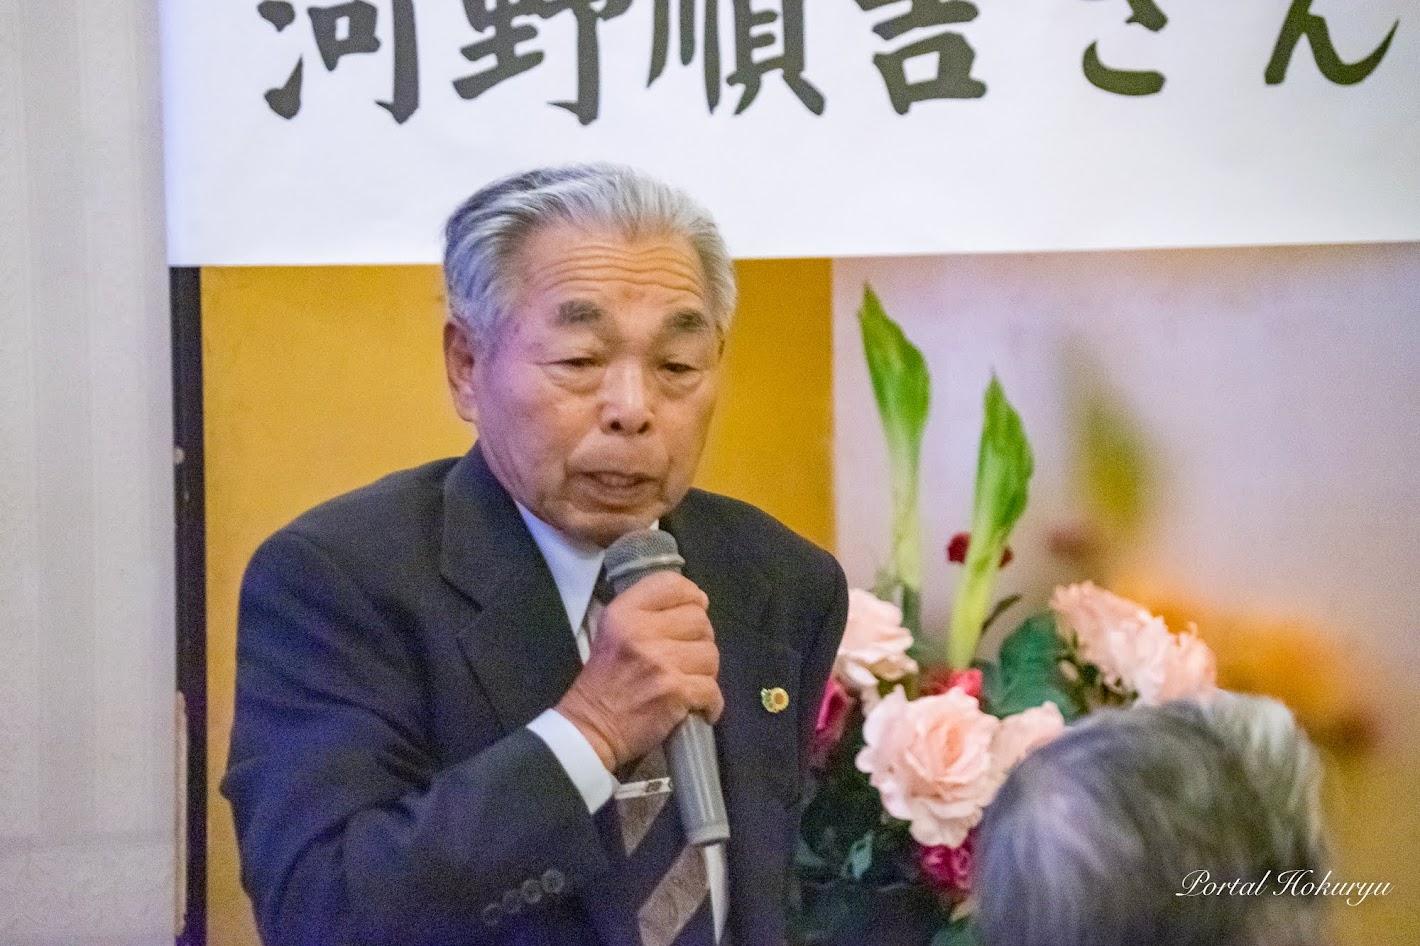 田中盛亮 会長